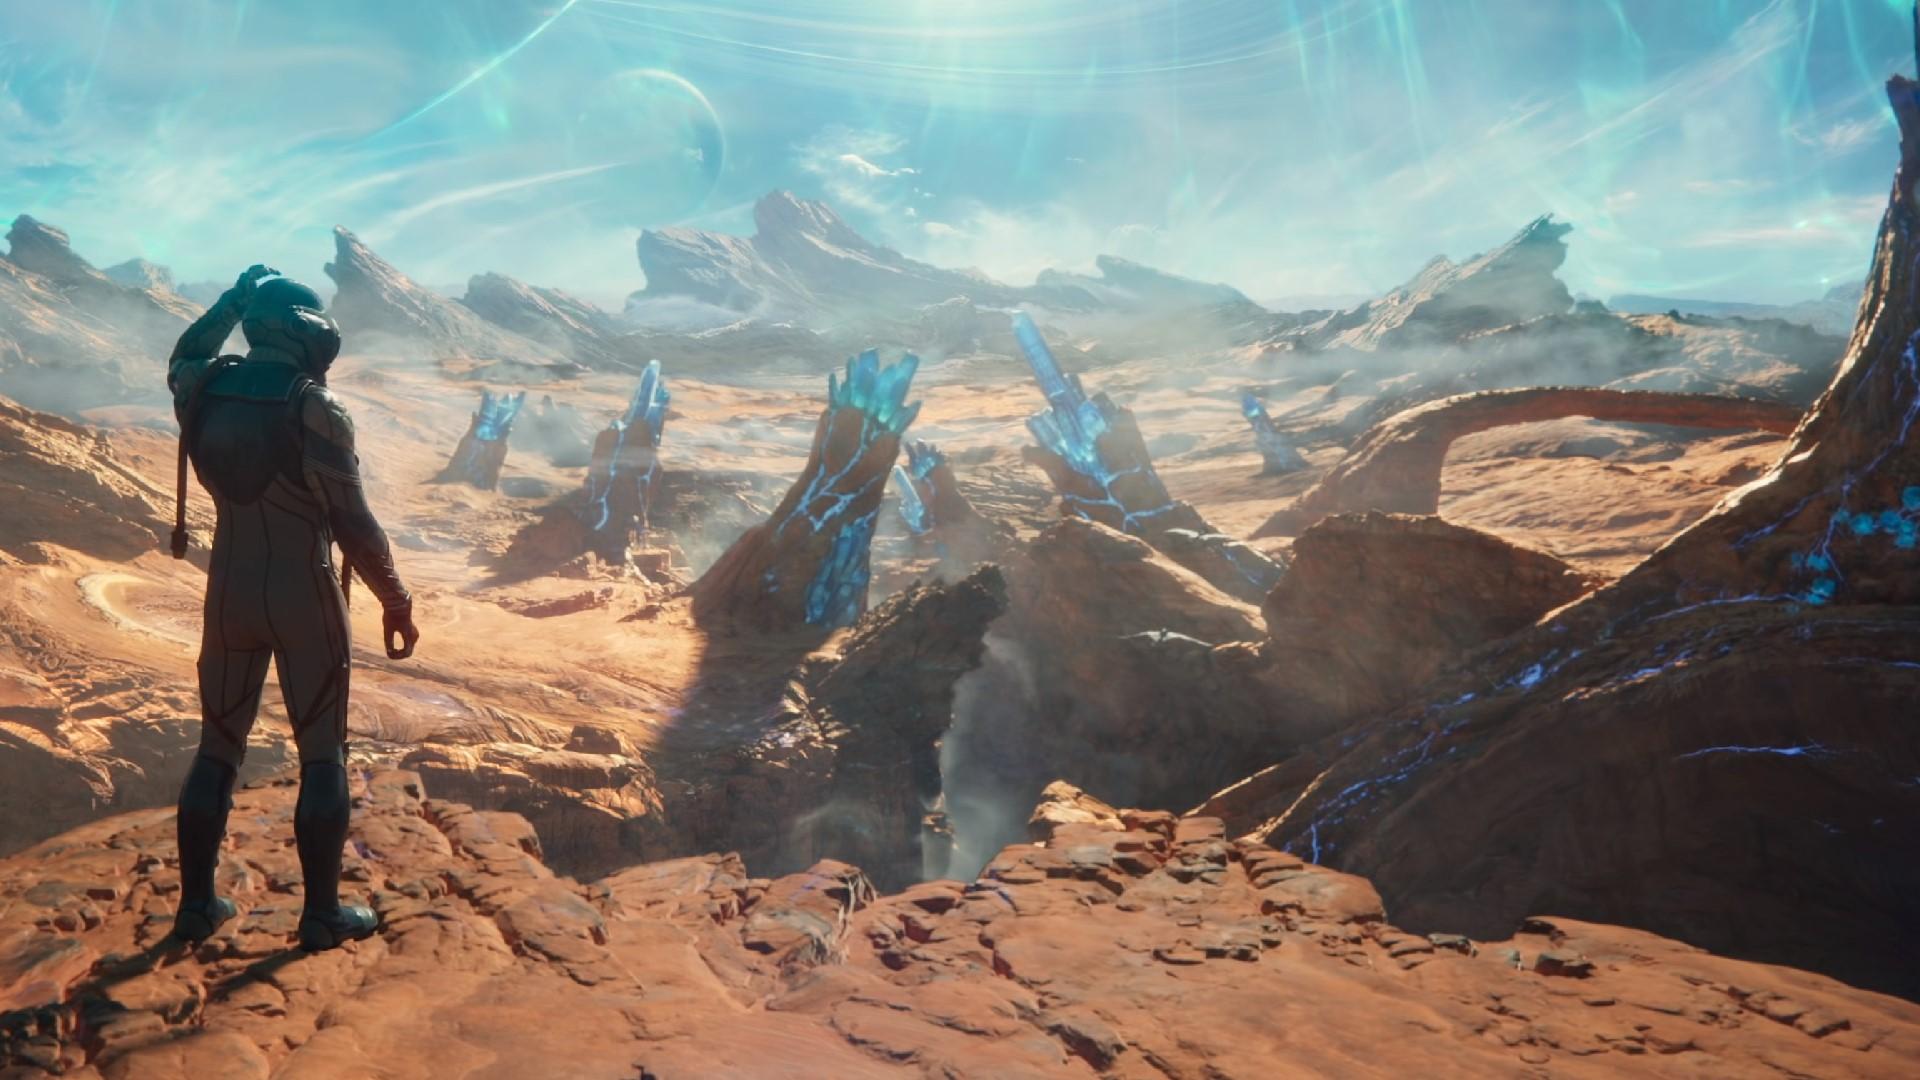 احتمال ساخت بازی The Outer Worlds 2 با آنریل انجین 5